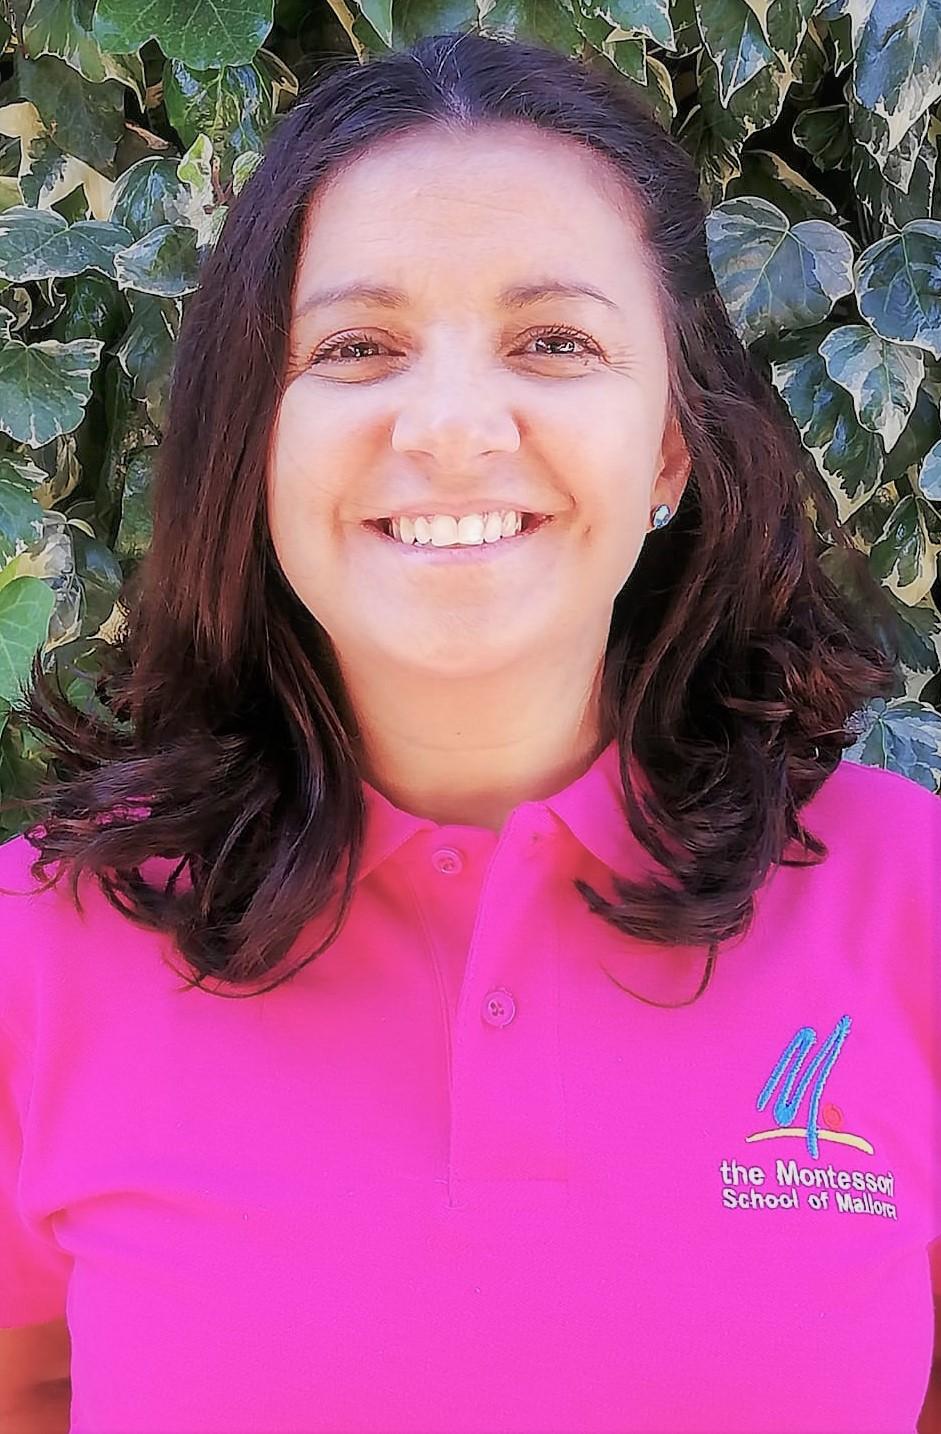 Maria Pirovano Pena - The Montessori School of Mallorca